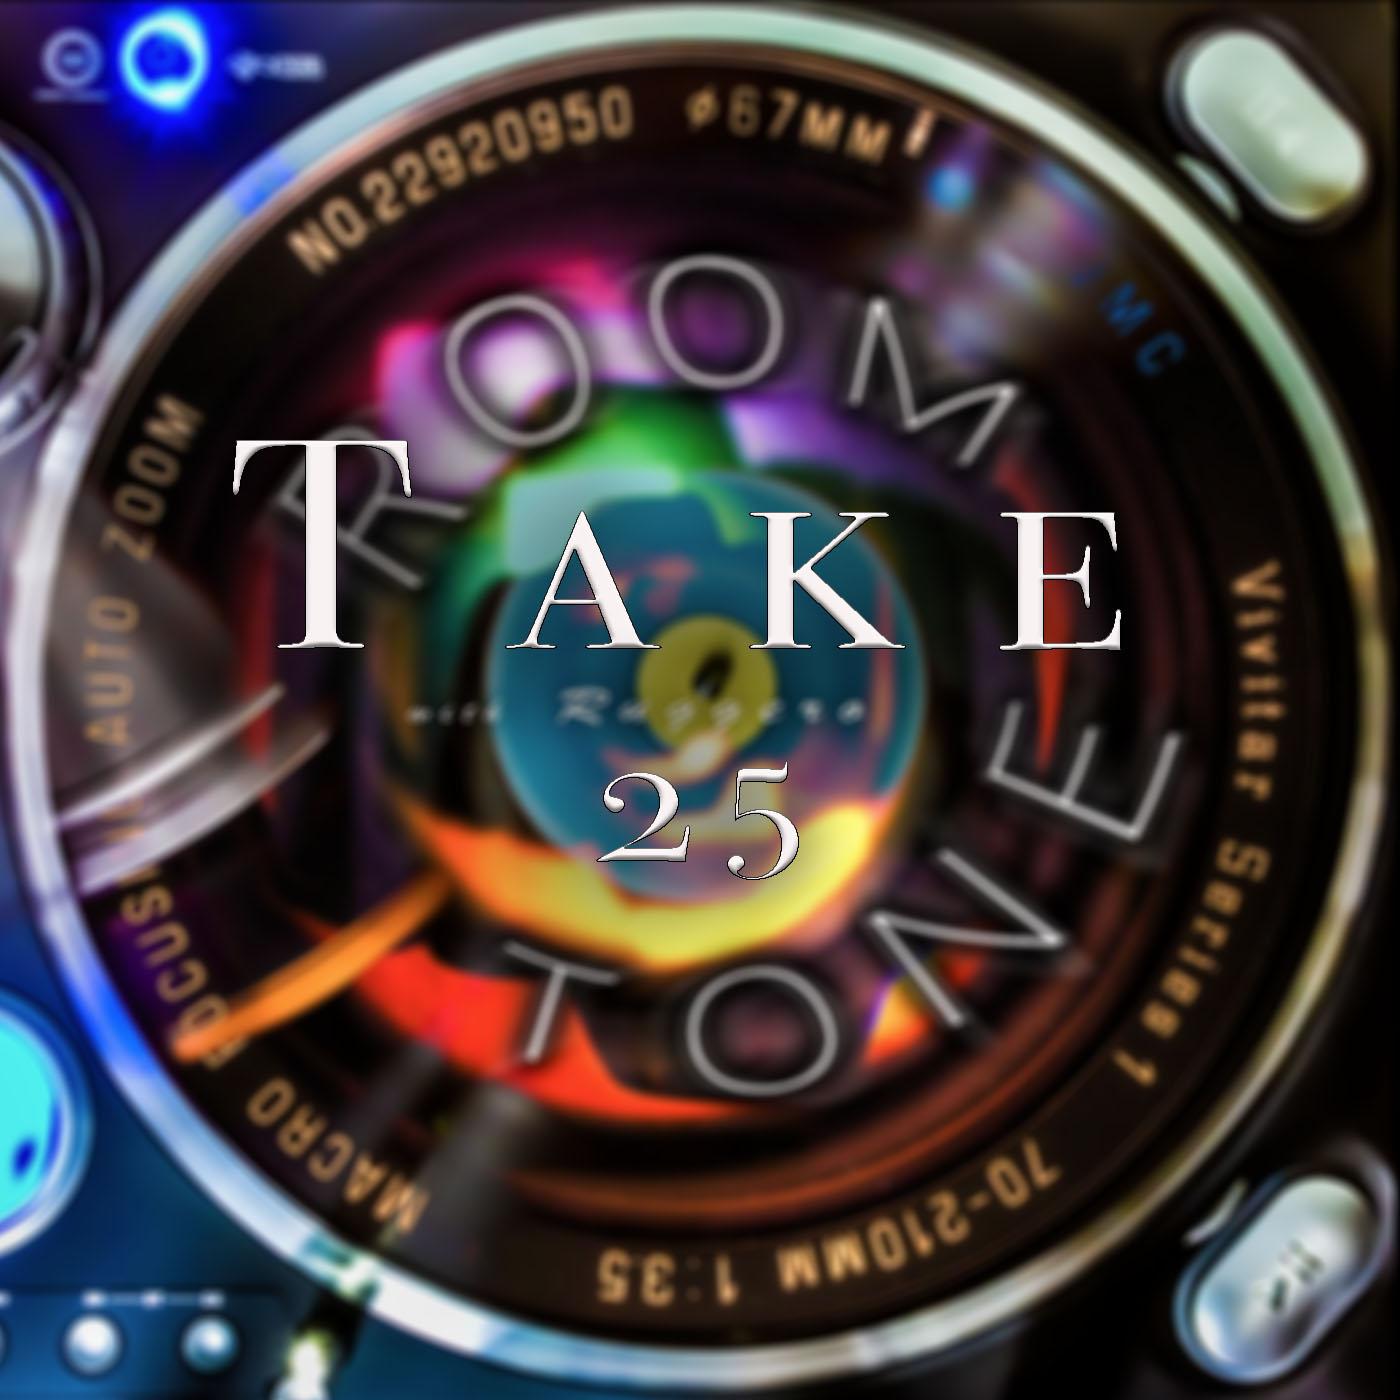 Room Tone Take 24.jpg